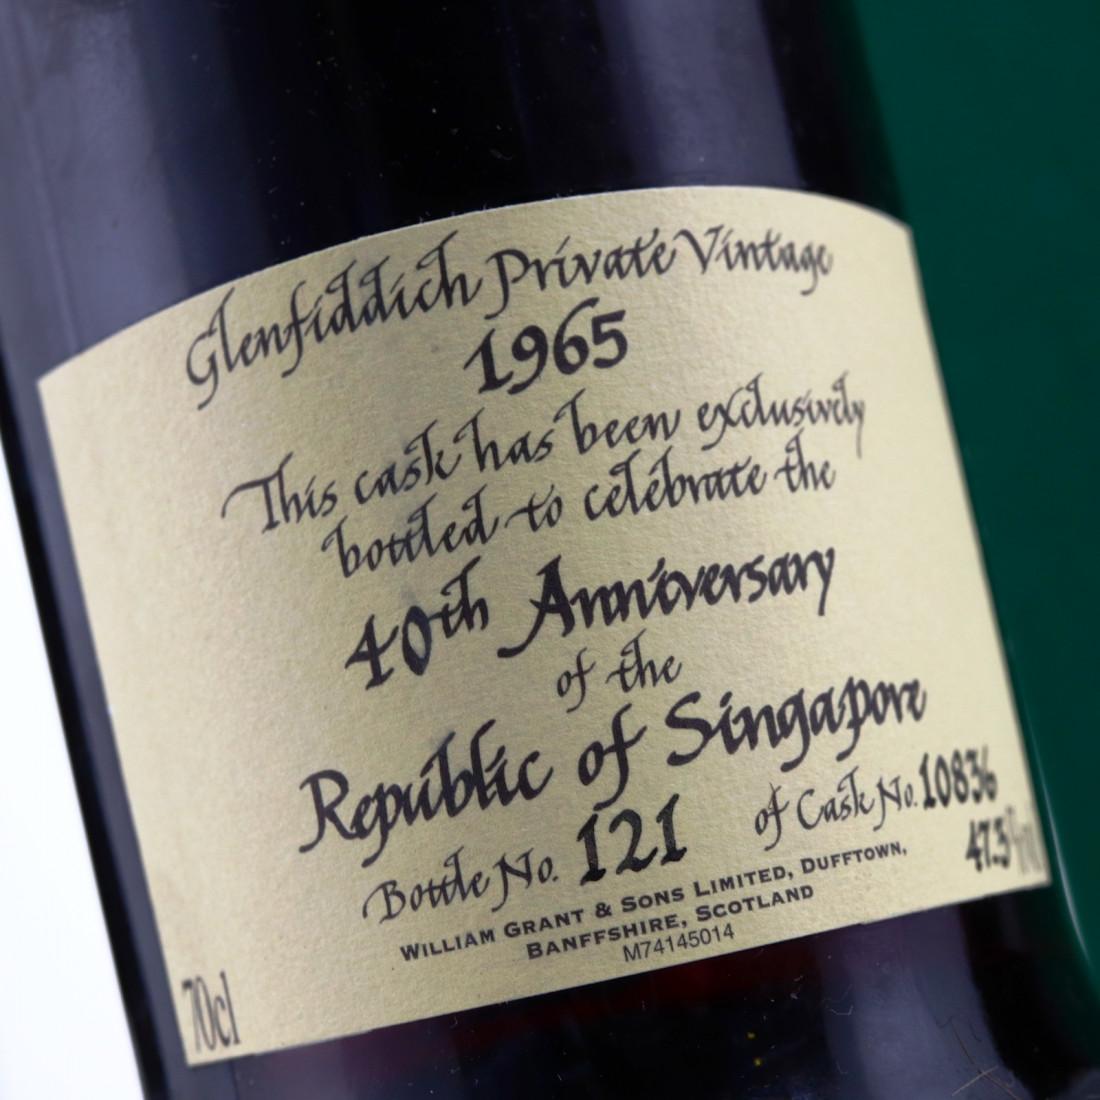 Glenfiddich 1965 Private Vintage #10836 / Republic of Singapore 40th Anniversary